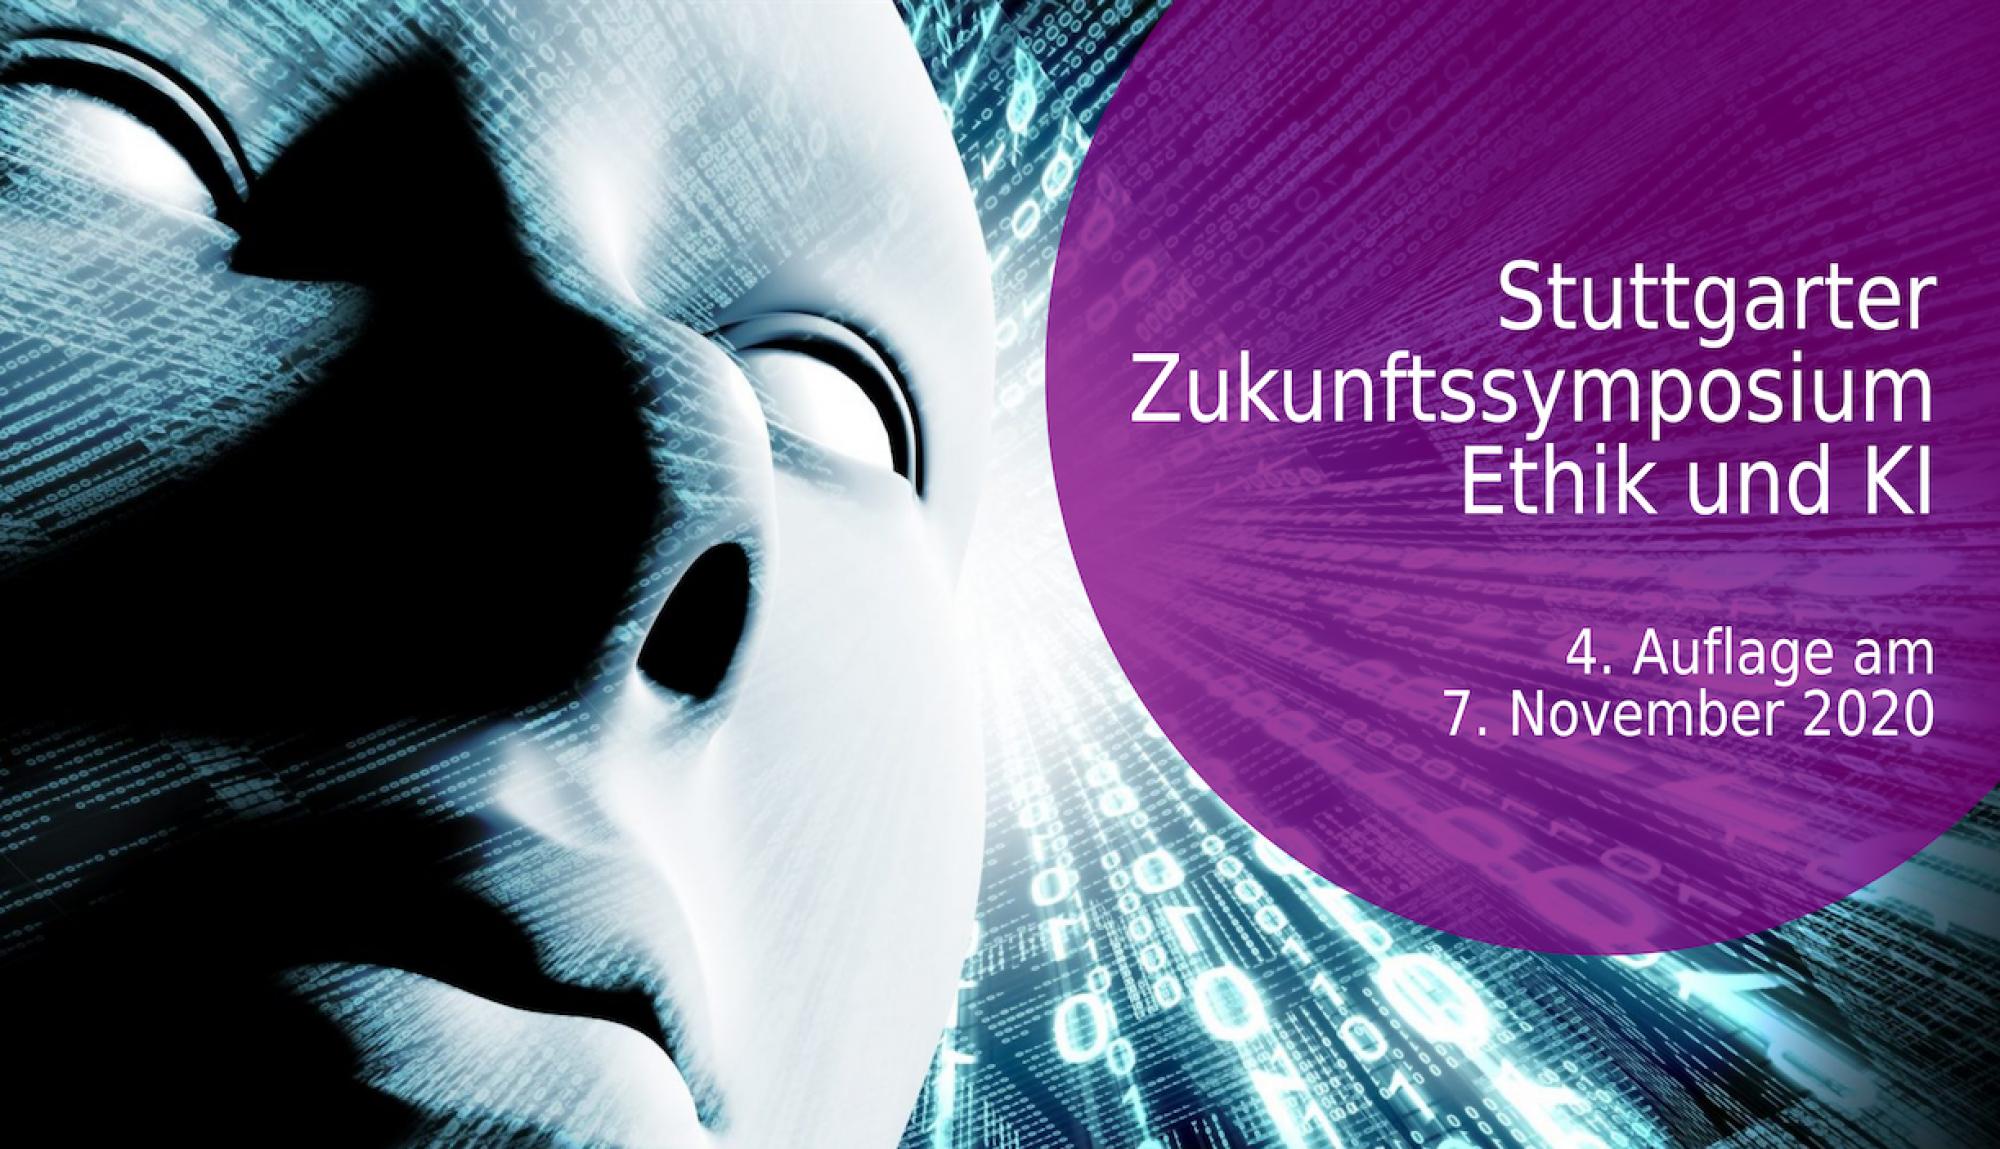 Stuttgarter Zukunftssymposium